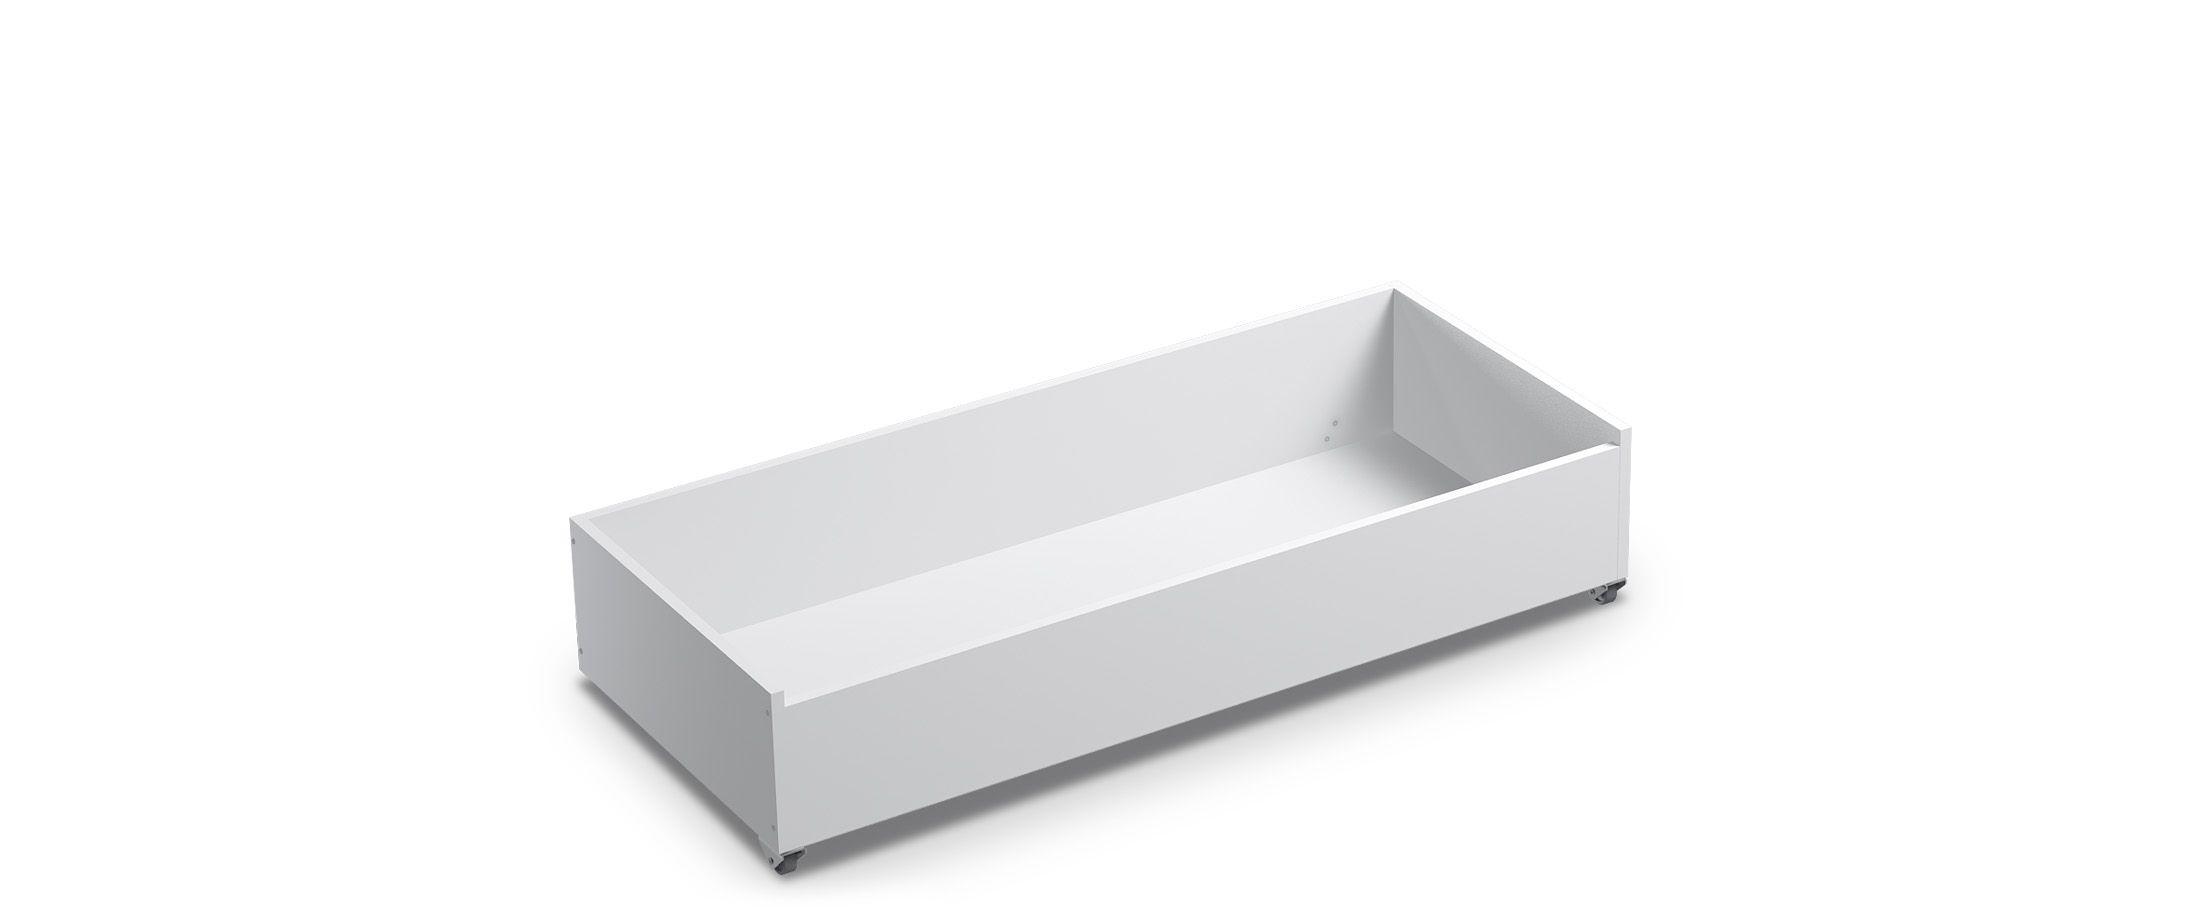 Бельевица Модель 018Бельевица 82л Модель 018<br><br>Ширина см: 109<br>Глубина см: 45<br>Высота см: 25<br>Цвет: Белый